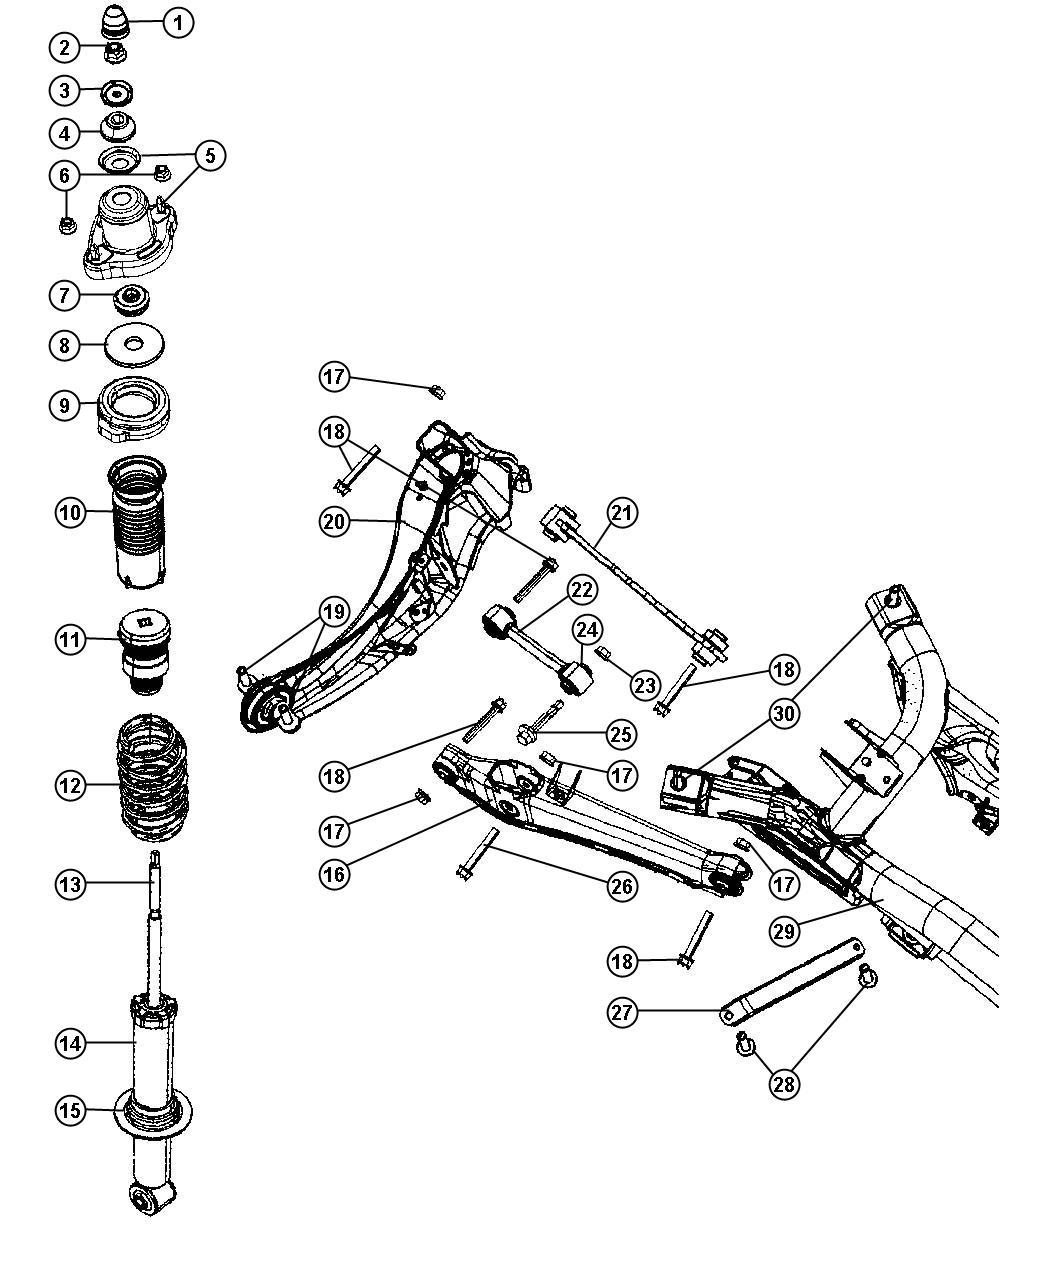 2 7 chrysler engine starter location diagram